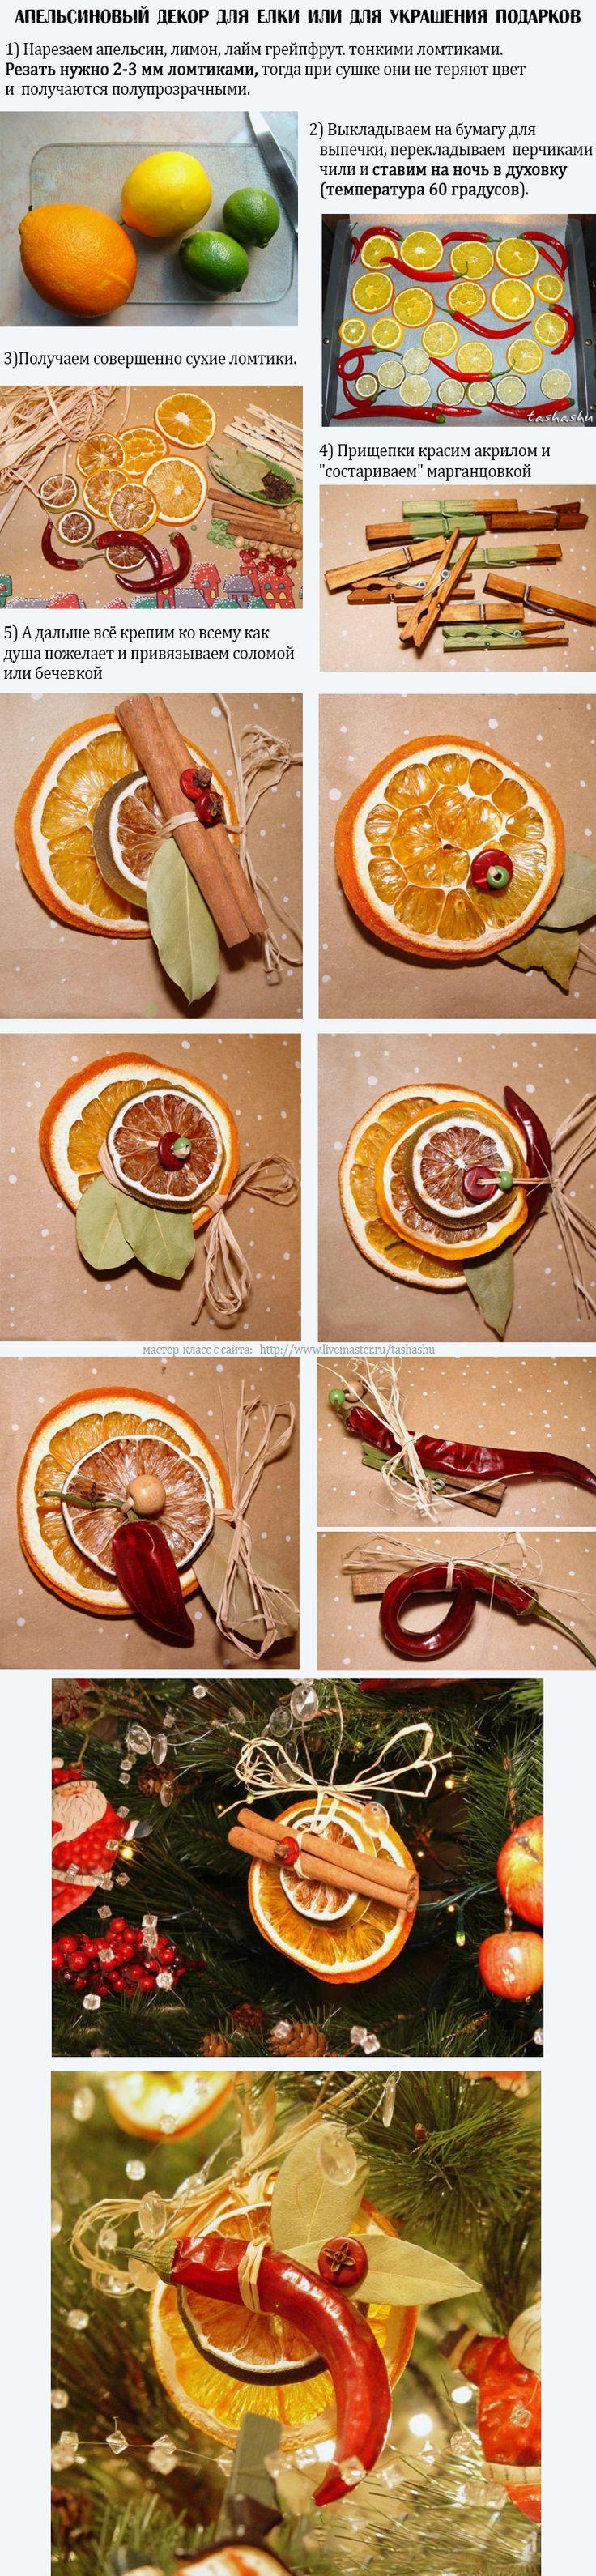 Апельсиновый декор на новый год. Подарки на новый год своими руками. Более 20 идей